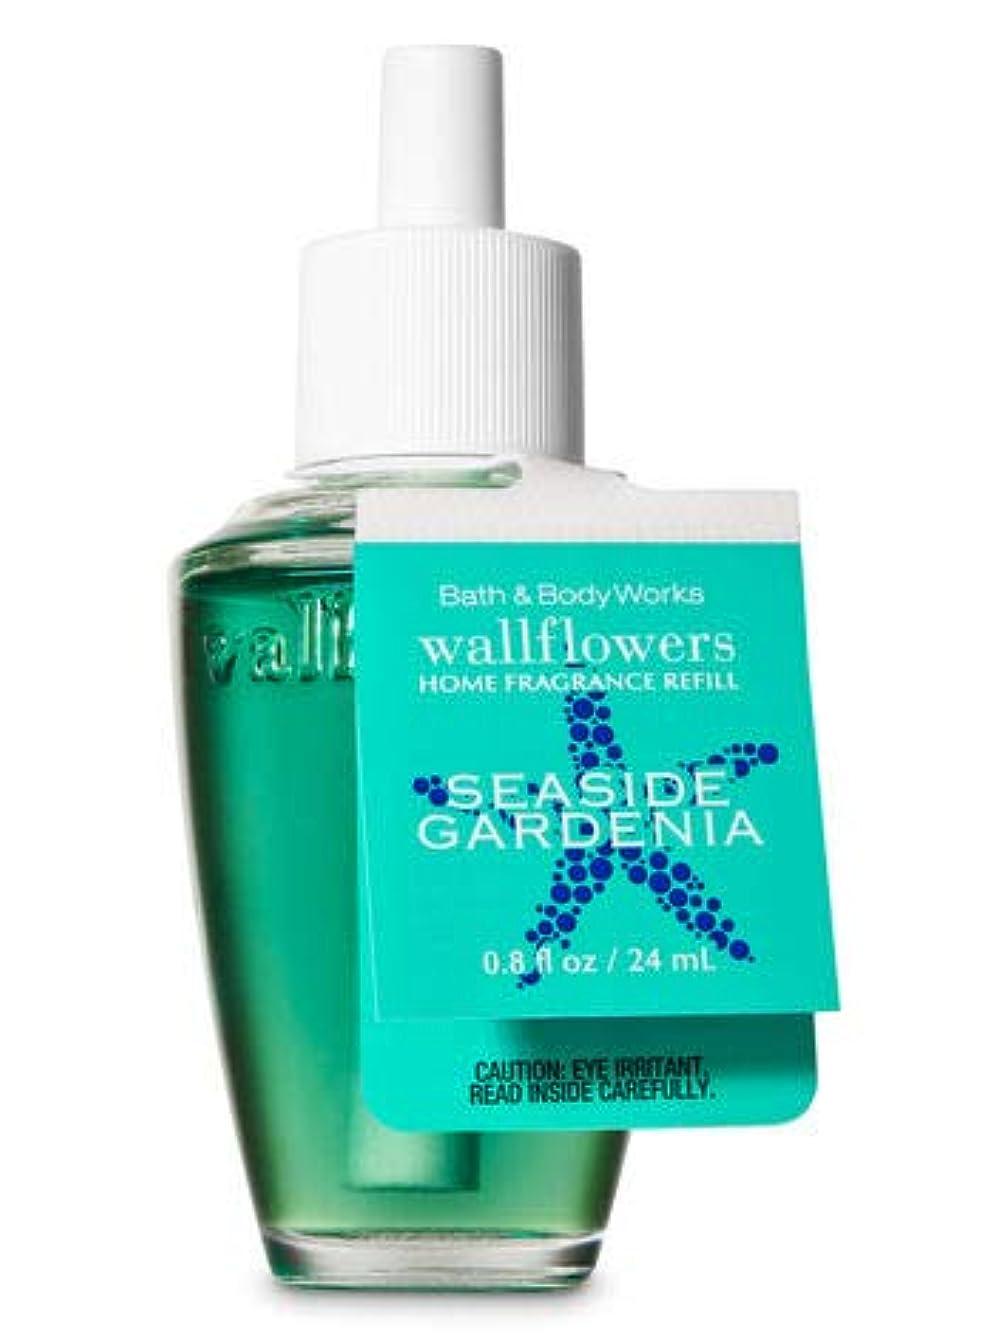 シャッターフェザー魔女【Bath&Body Works/バス&ボディワークス】 ルームフレグランス 詰替えリフィル シーサイドガーデニア Wallflowers Home Fragrance Refill Seaside Gardenia [並行輸入品]